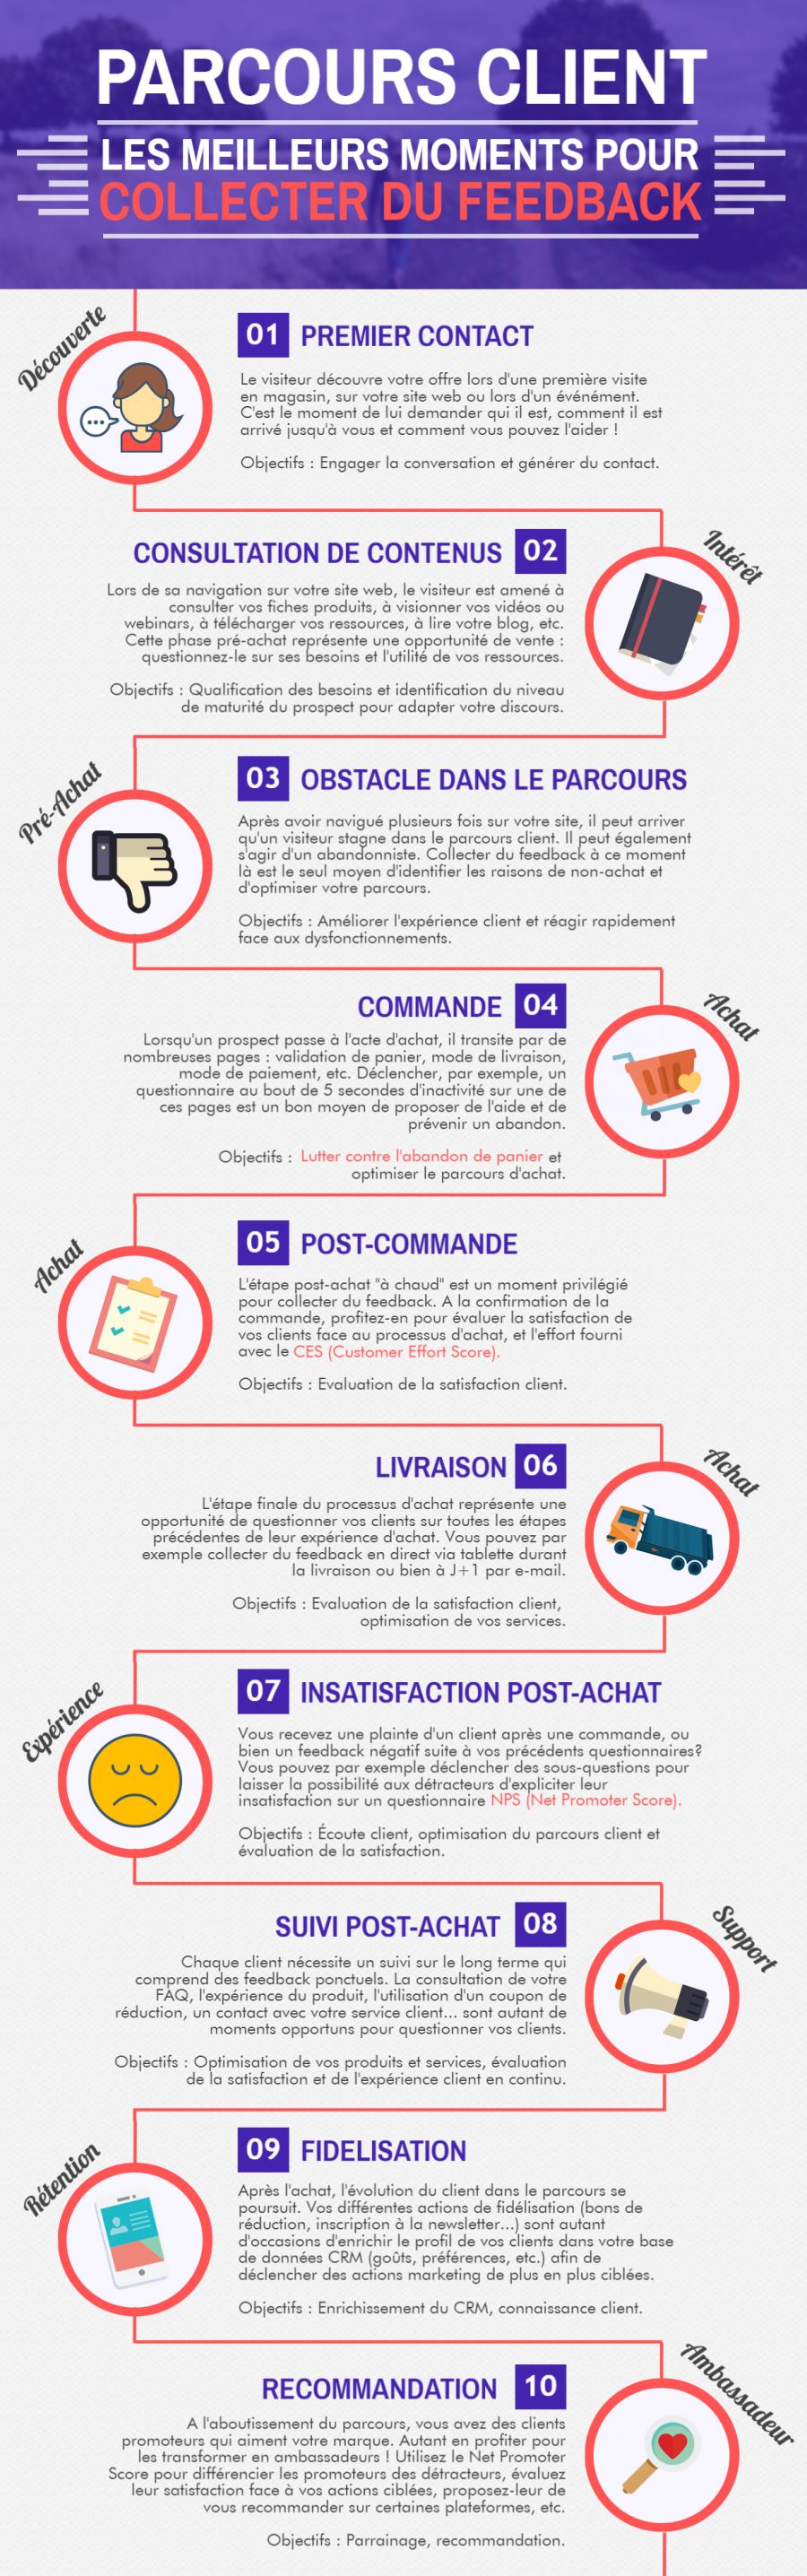 infographie PME parcours client